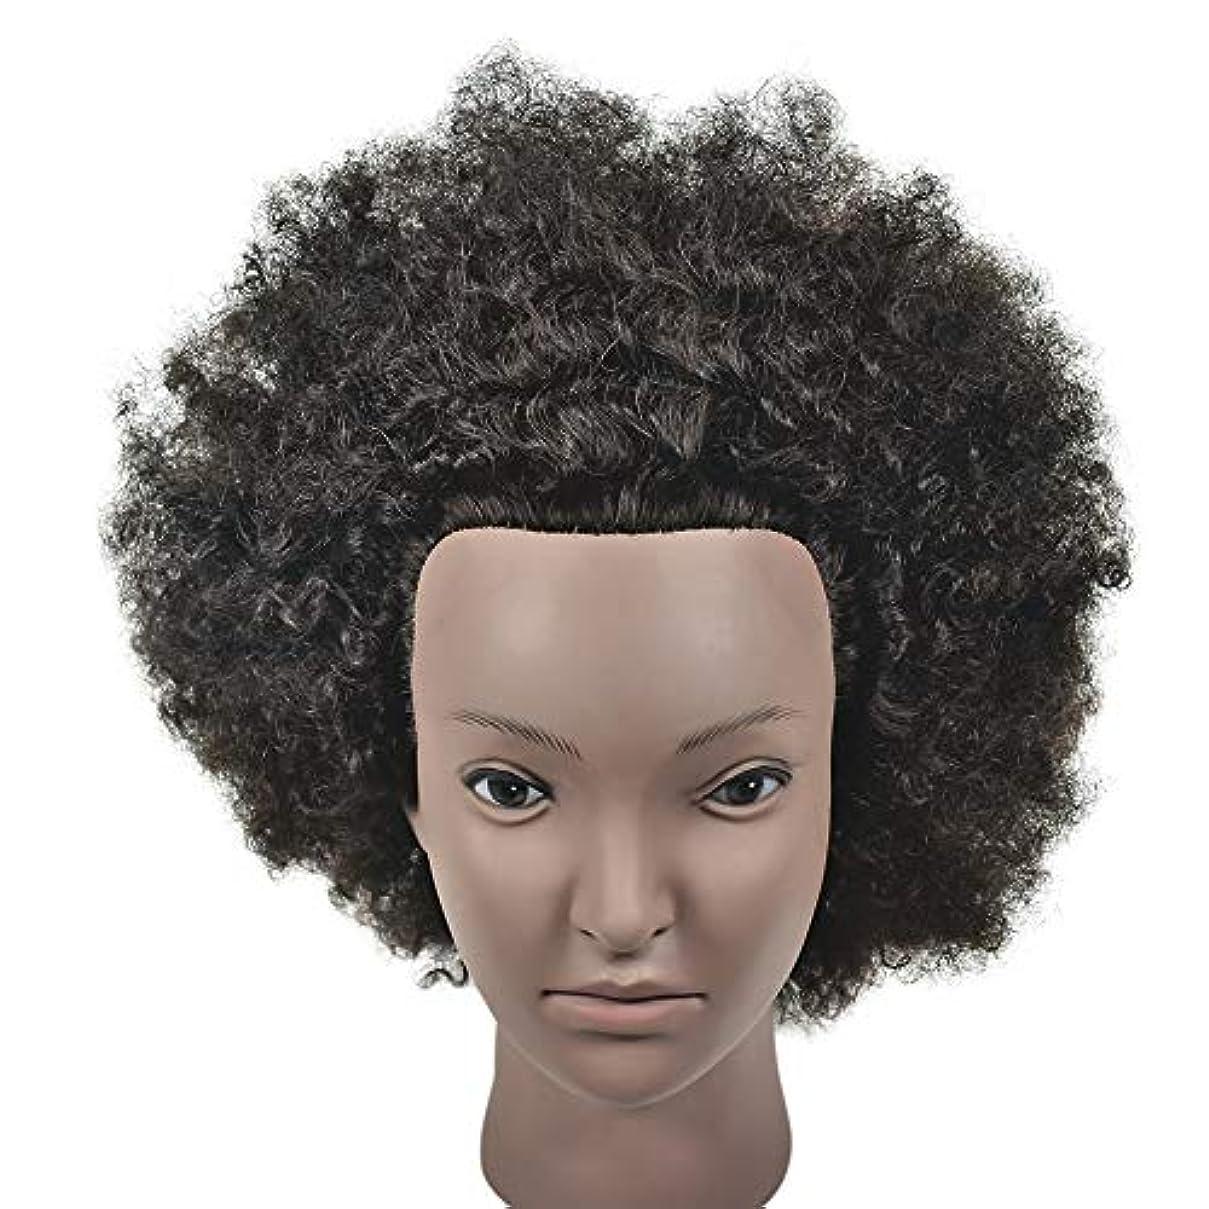 常識インテリアどこか理髪店トリミングヘアエクササイズヘッドモールドメイクモデリング学習マネキンダミー爆発ヘッドブラック